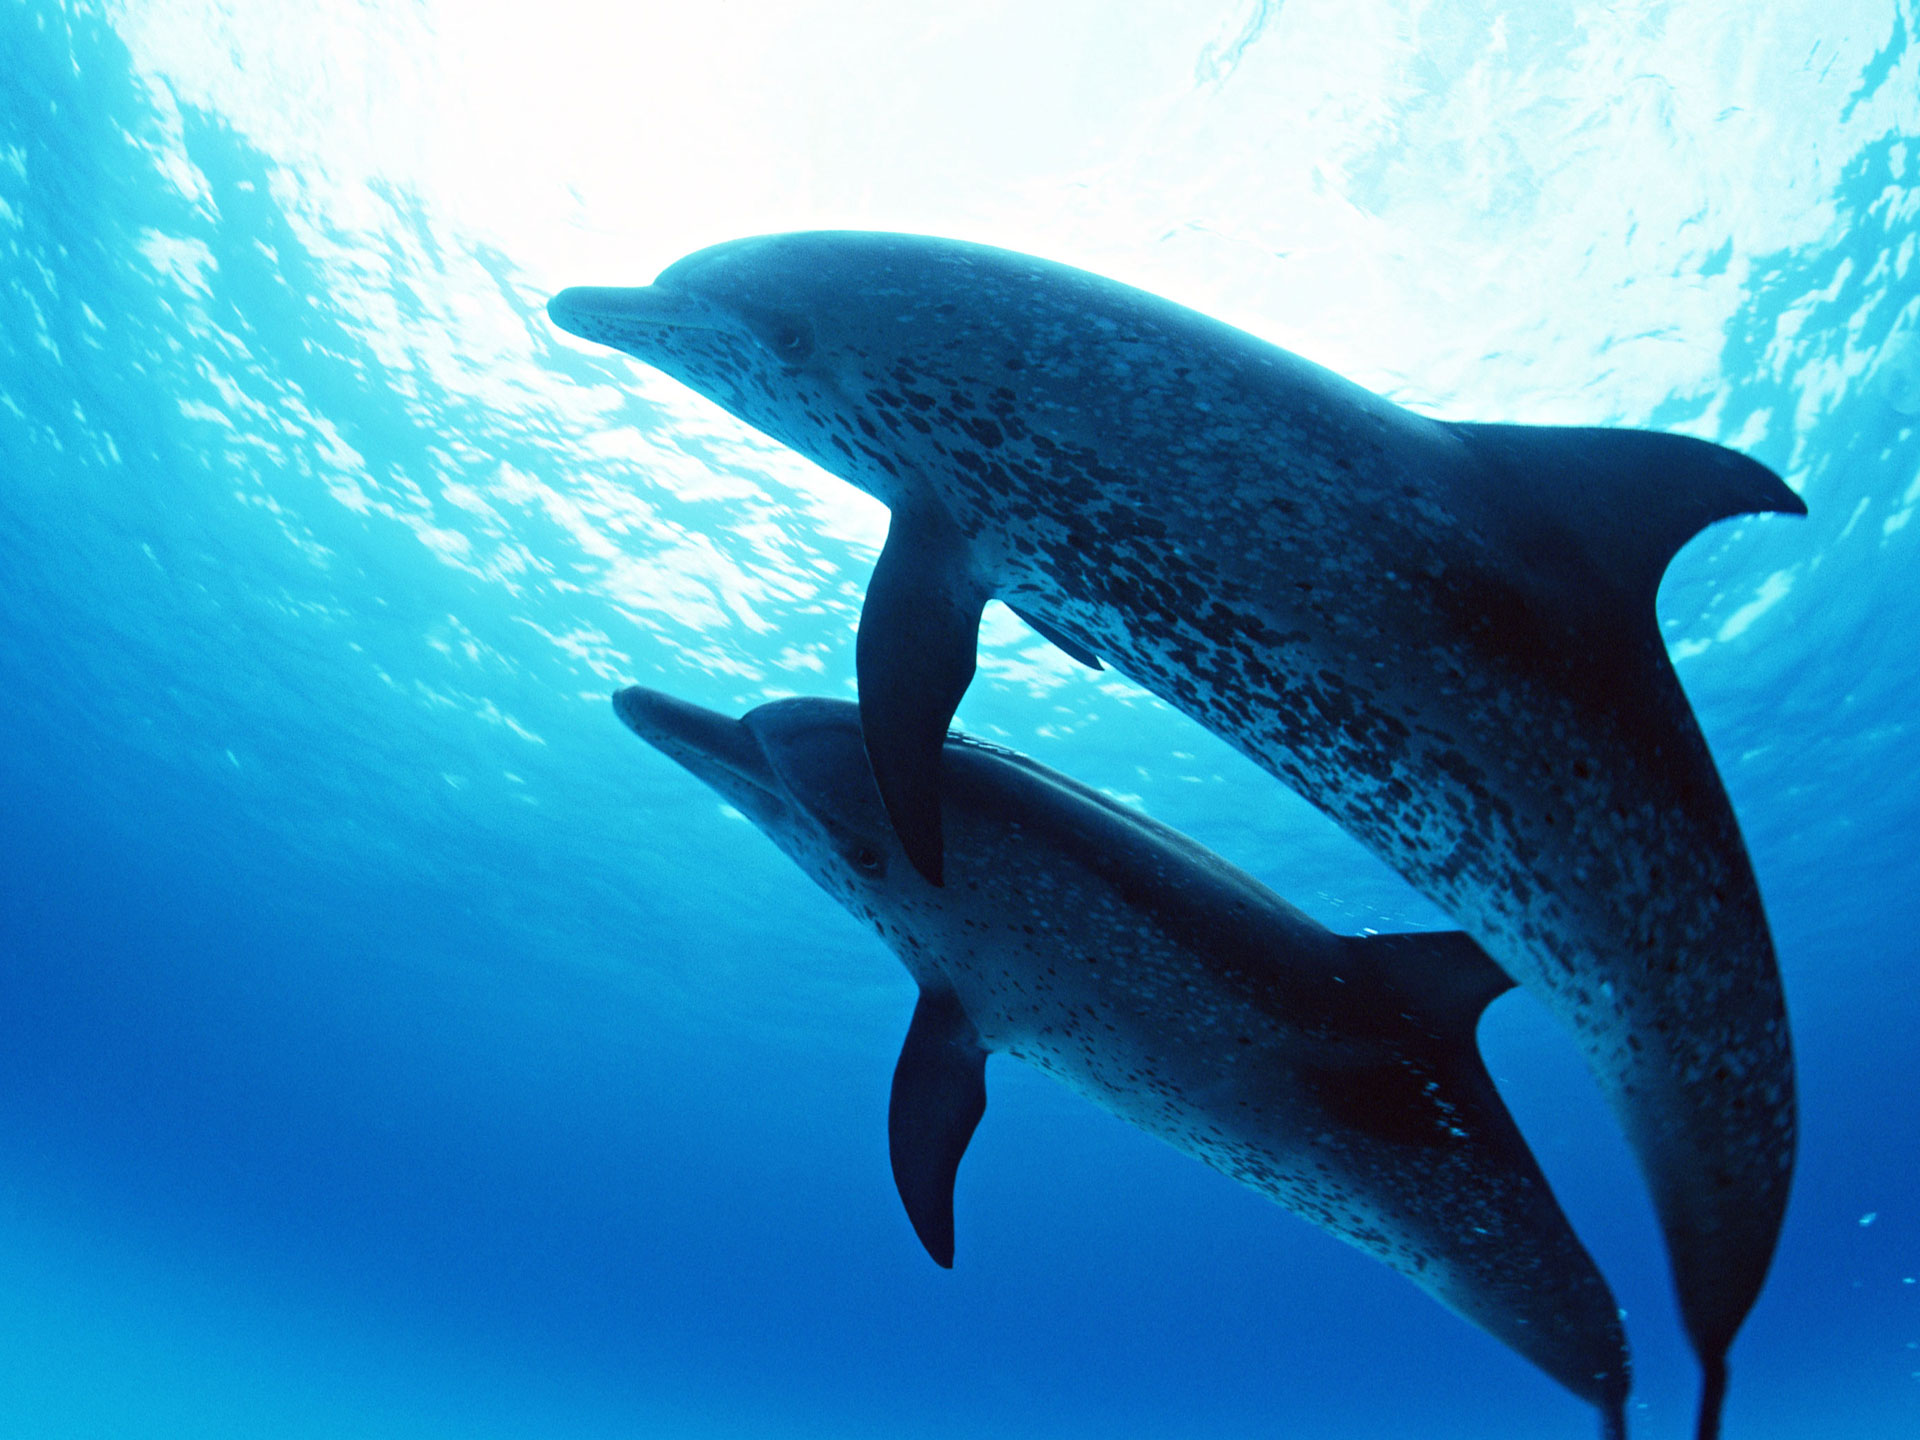 дельфины, свет, море, вода, скачать фото